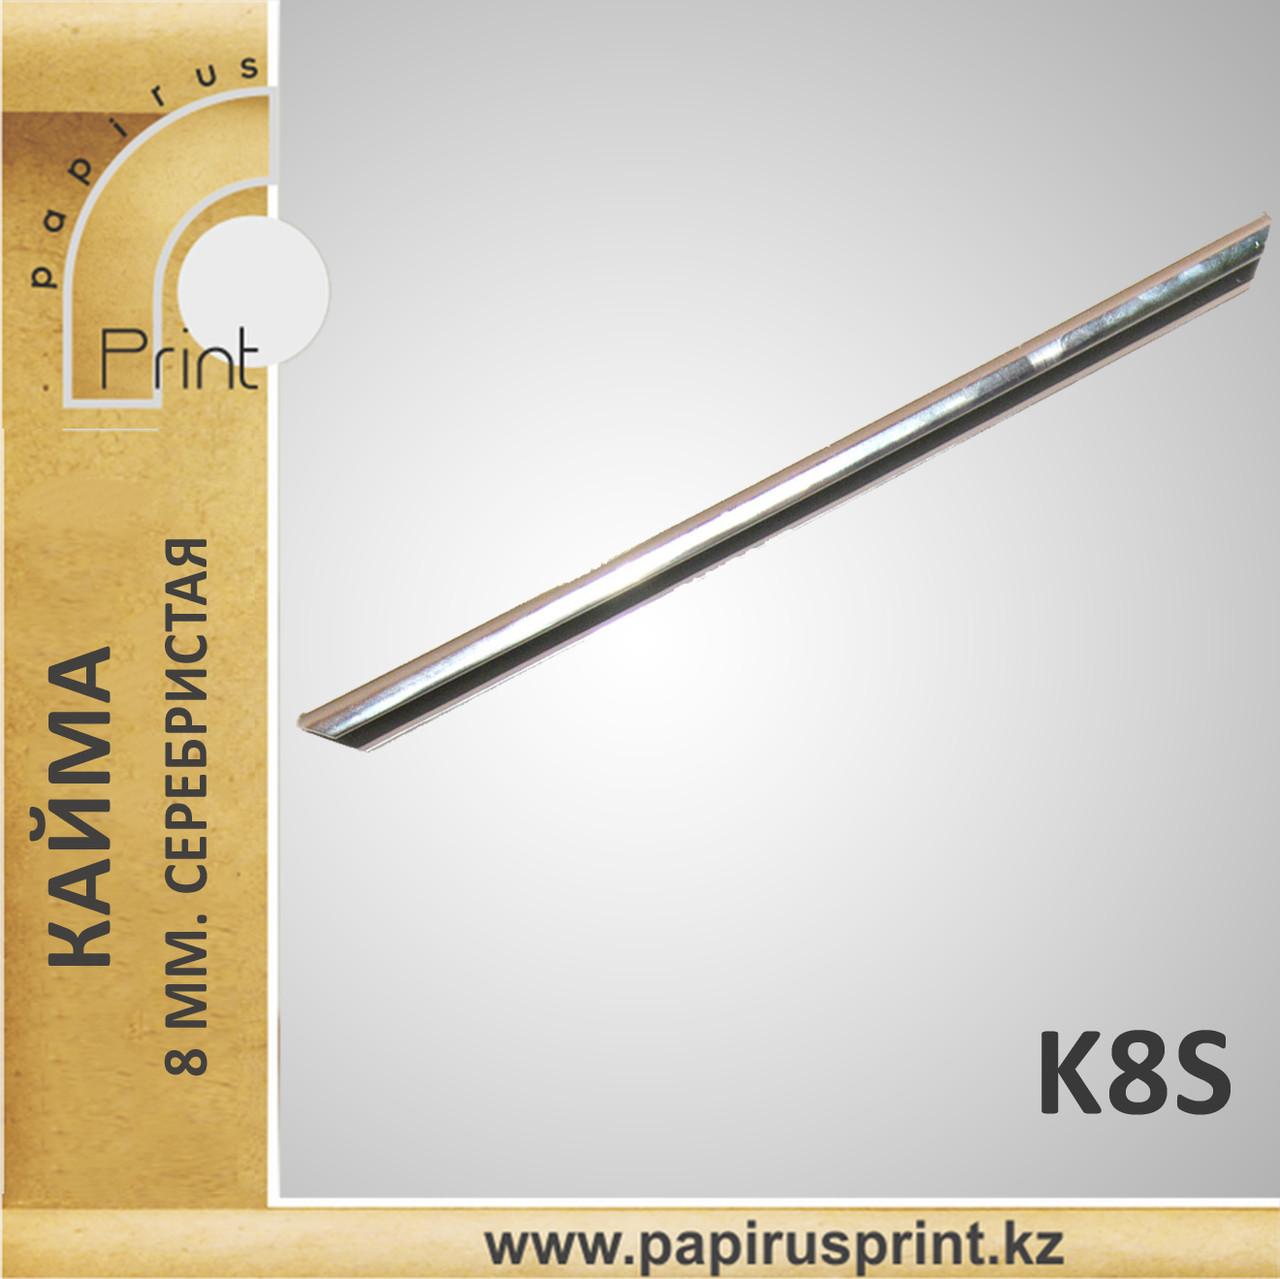 Кайма 8 мм серебристая 2.4 м.